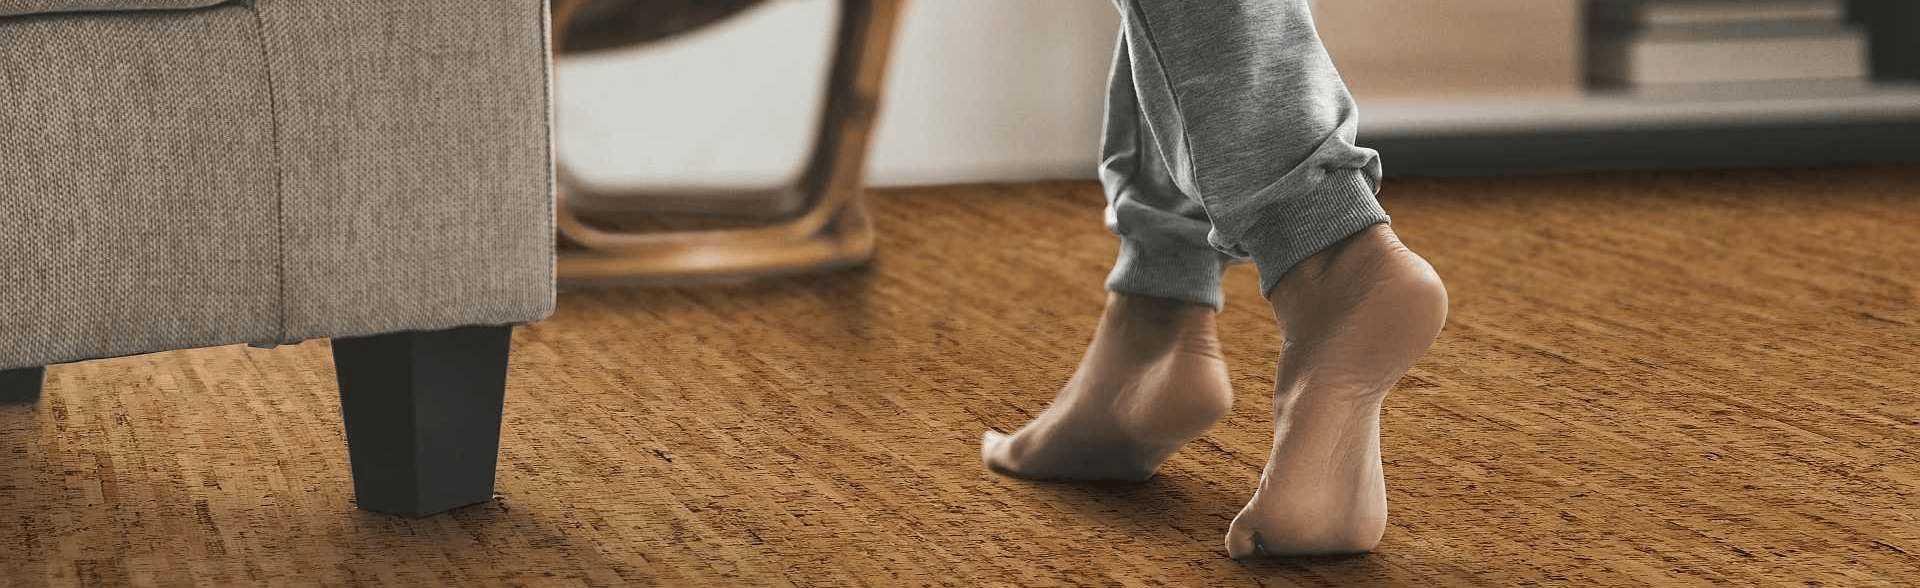 Išsamiai apie grindų įrengimą ant šildomo pagrindo